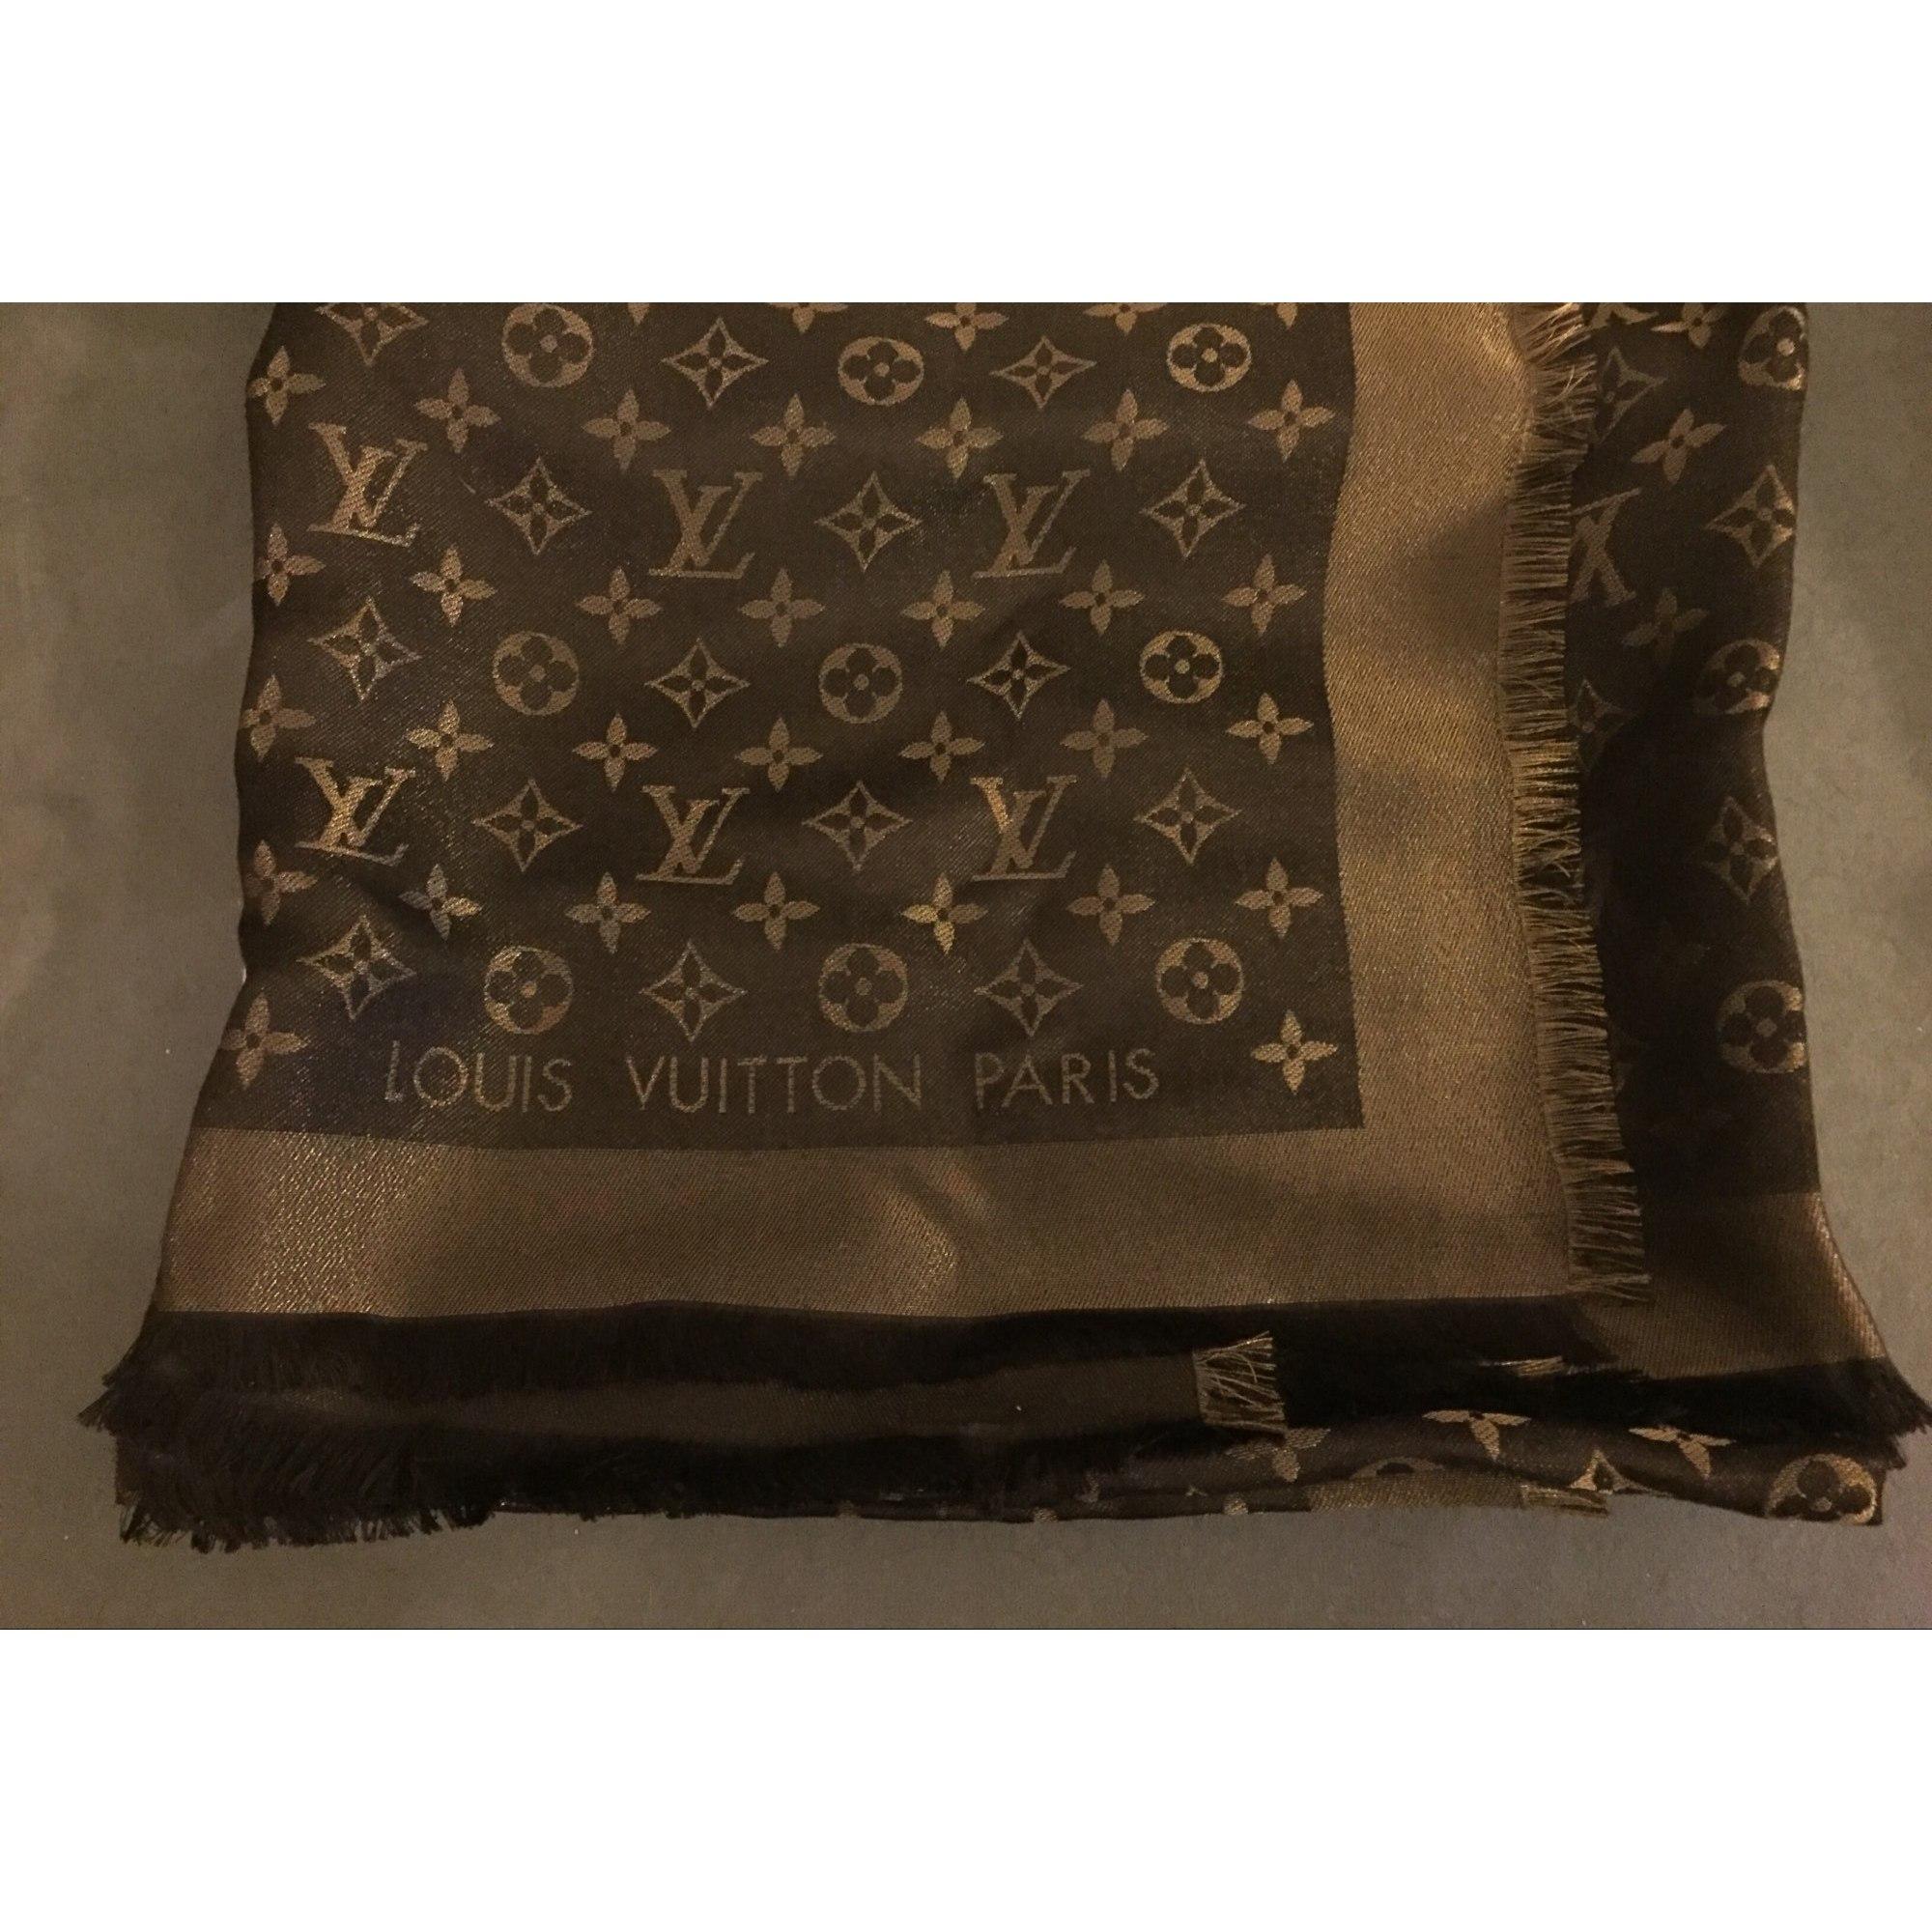 Châle LOUIS VUITTON marron vendu par Cléo 17505065 - 5696584 6ebf3d3510c